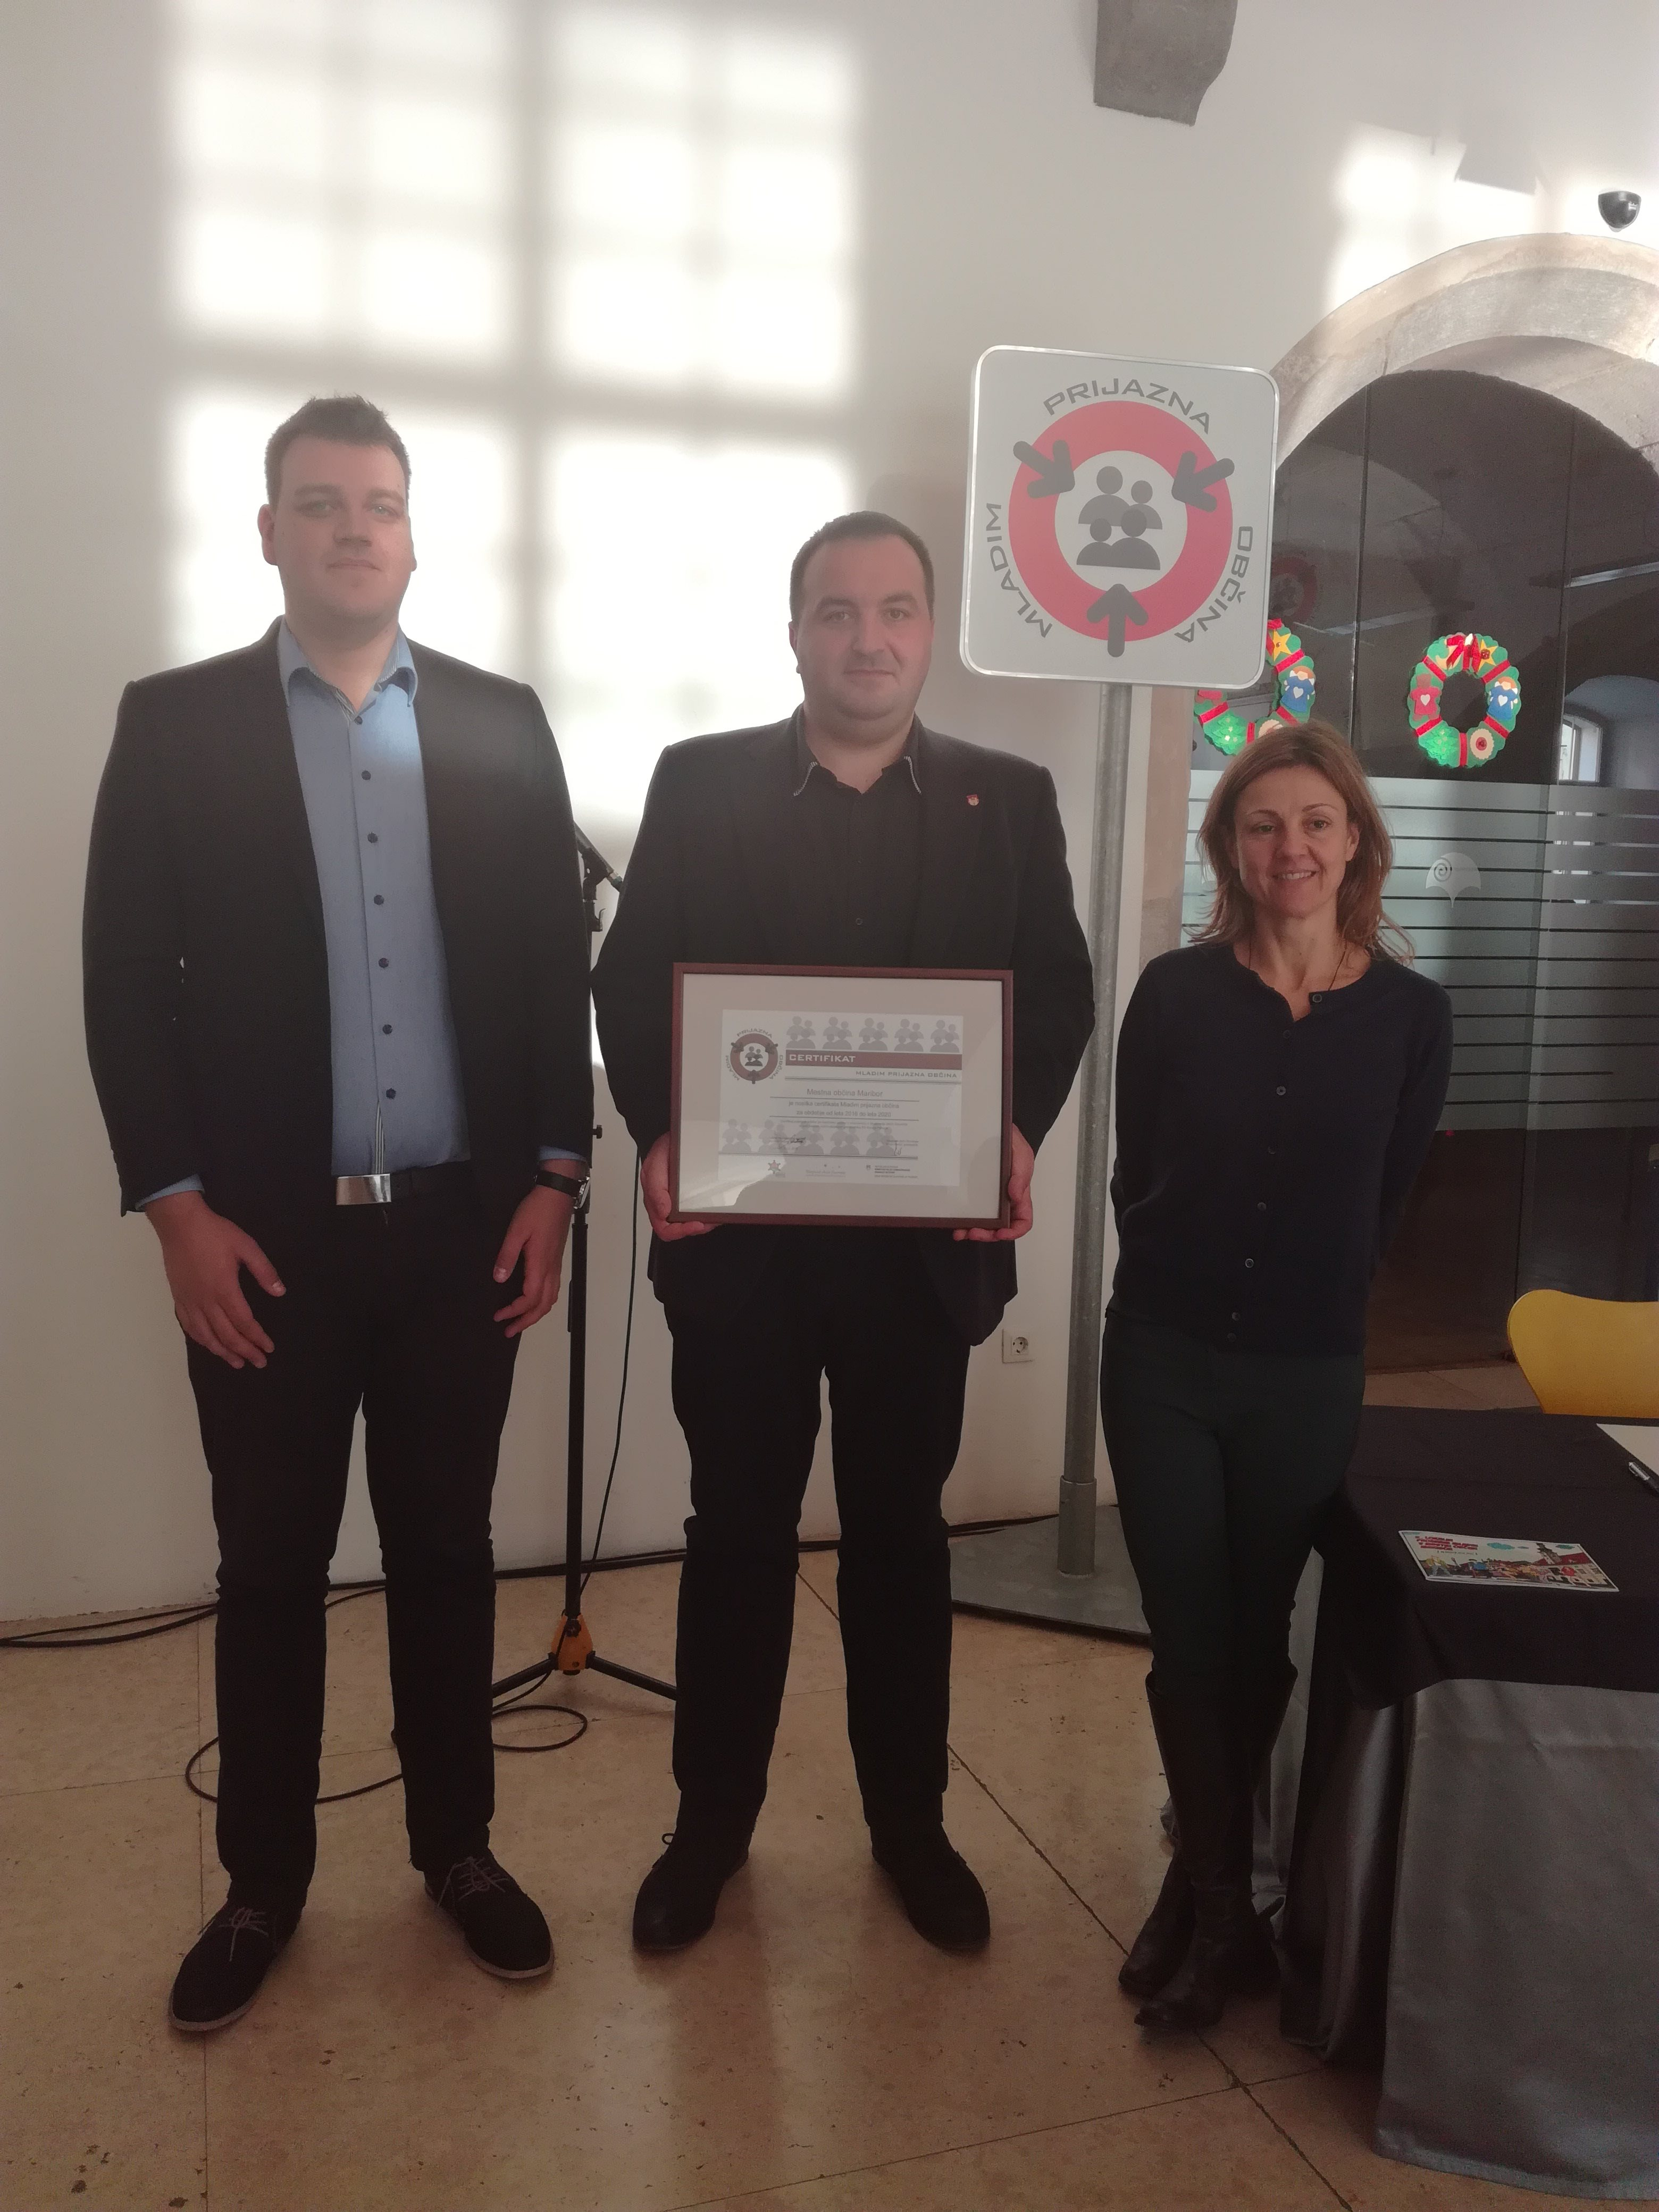 Mestu Mariboru je Inštitut za mladinsko politiko podaljšal certifikat mladim prijazna občina.